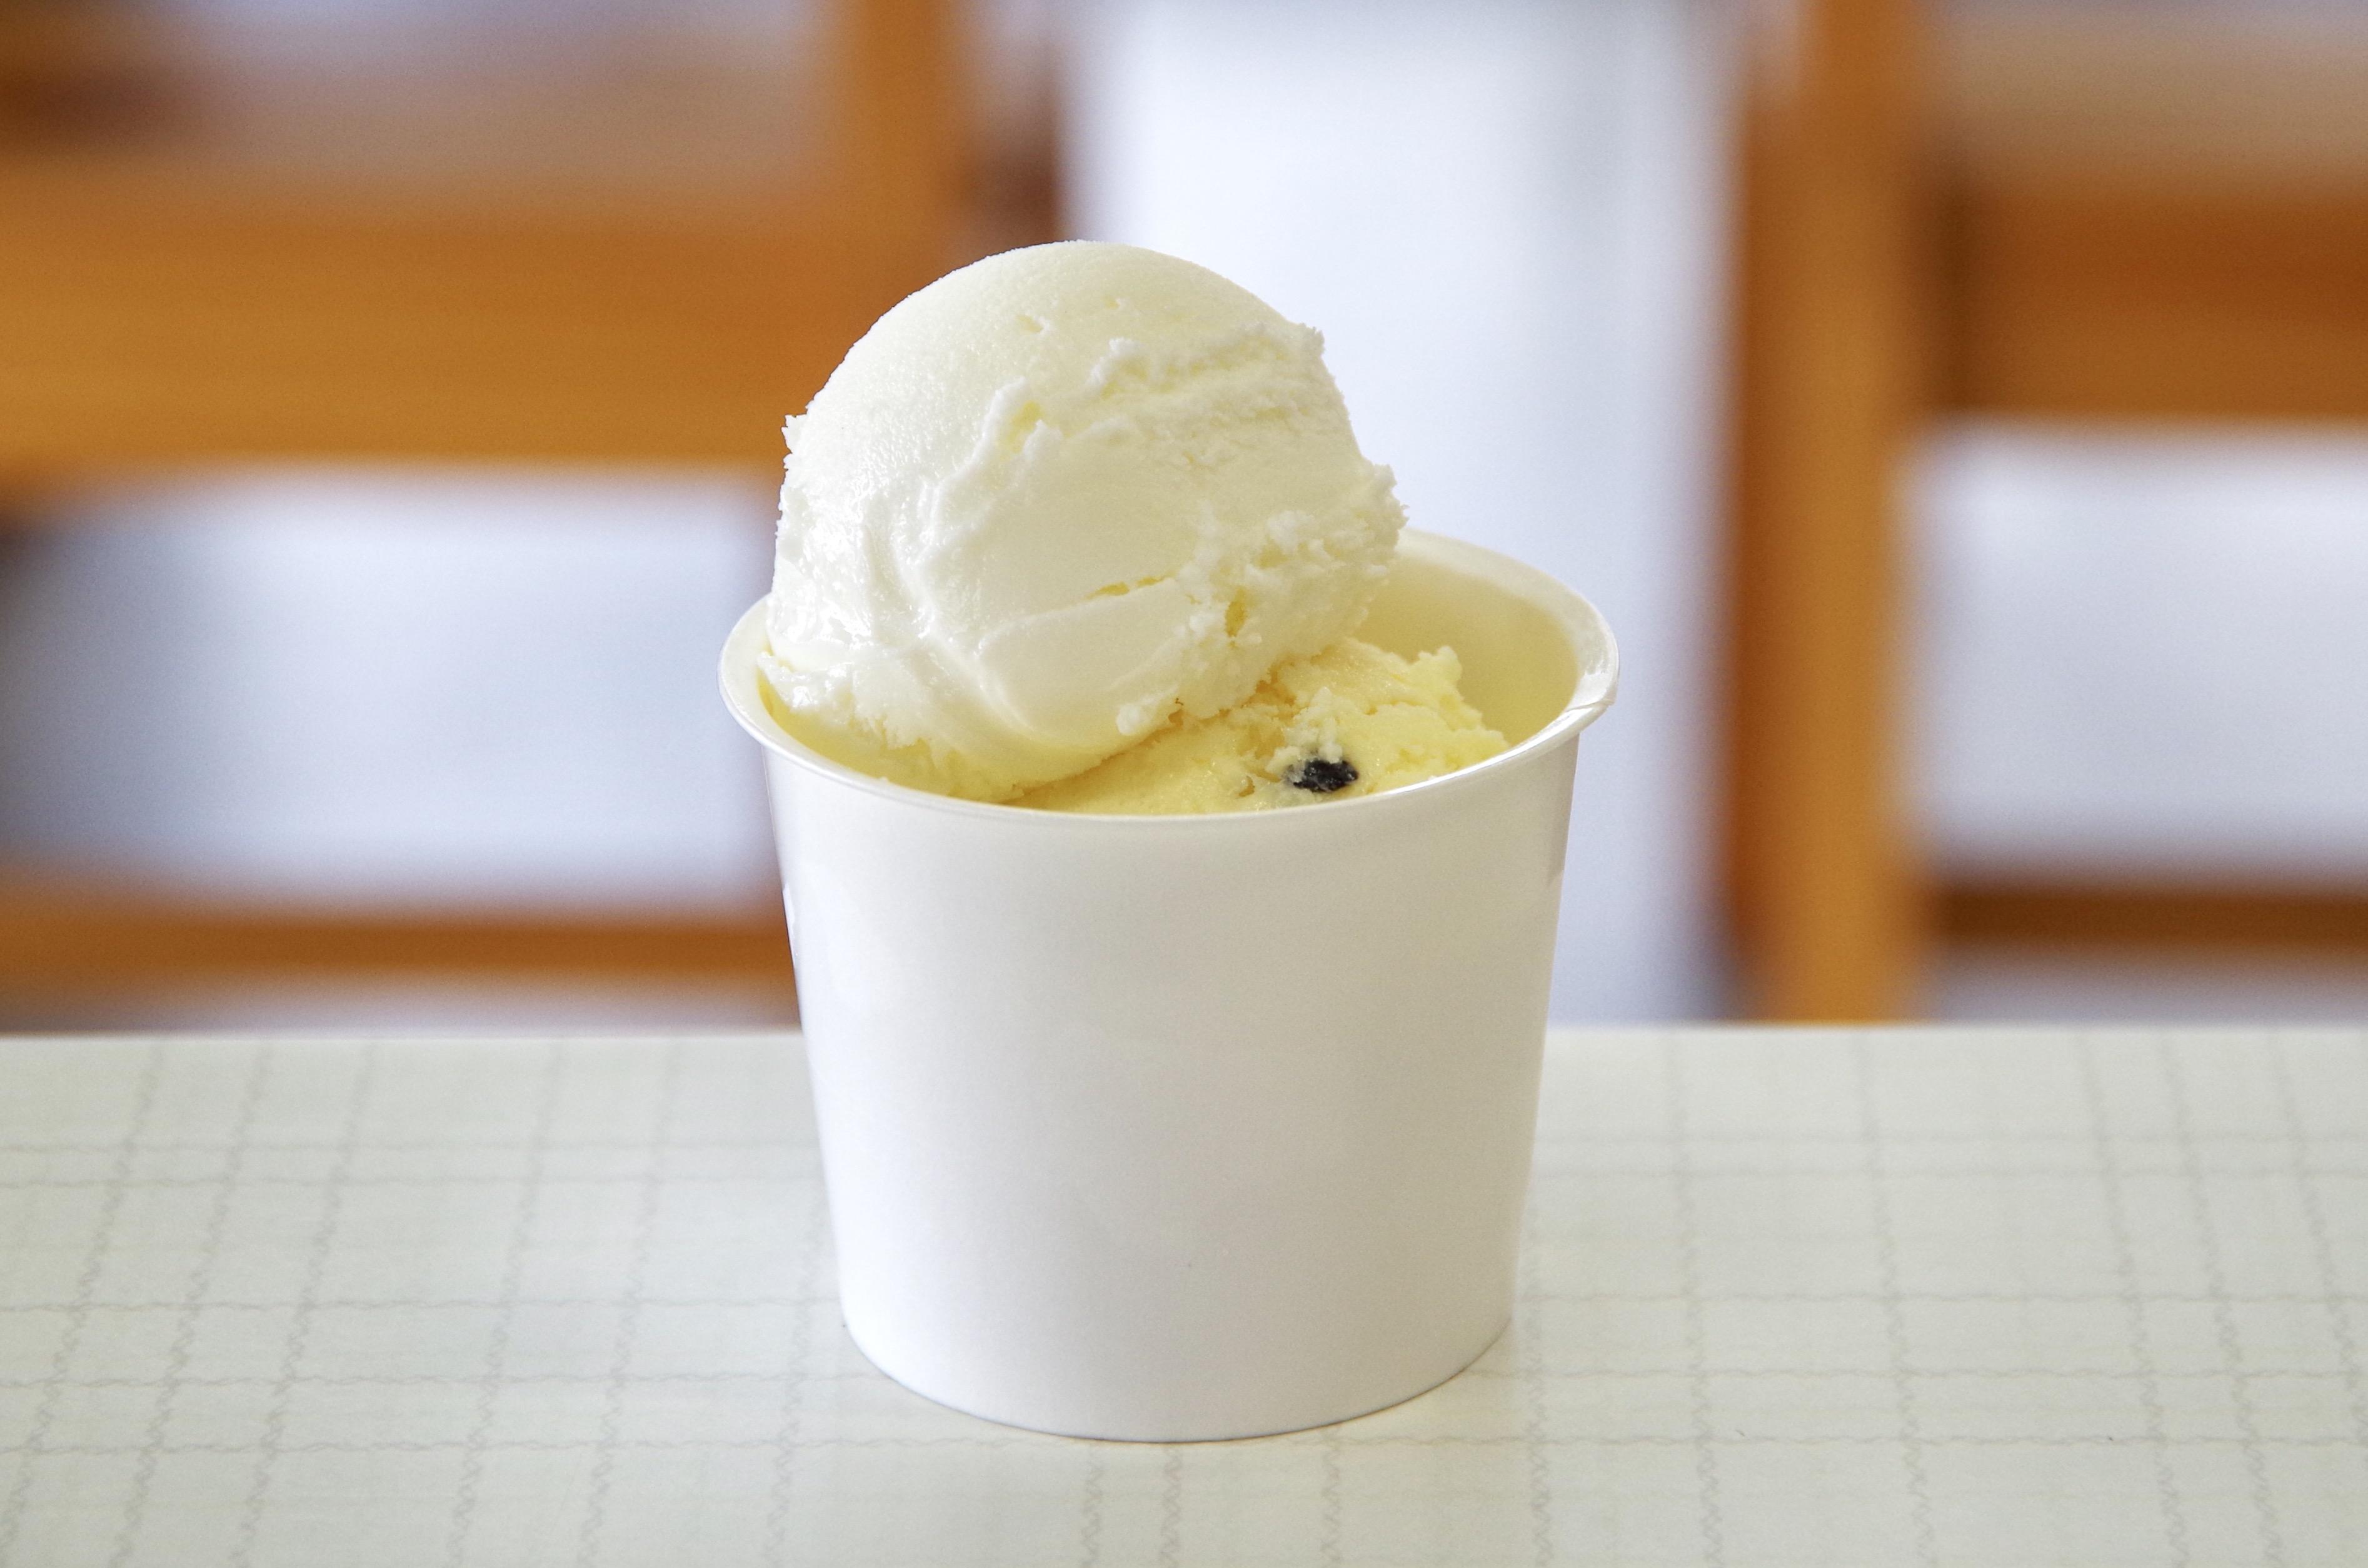 【伊豆大島】ぶらっとハウスのアイスで地元の食材を味わう